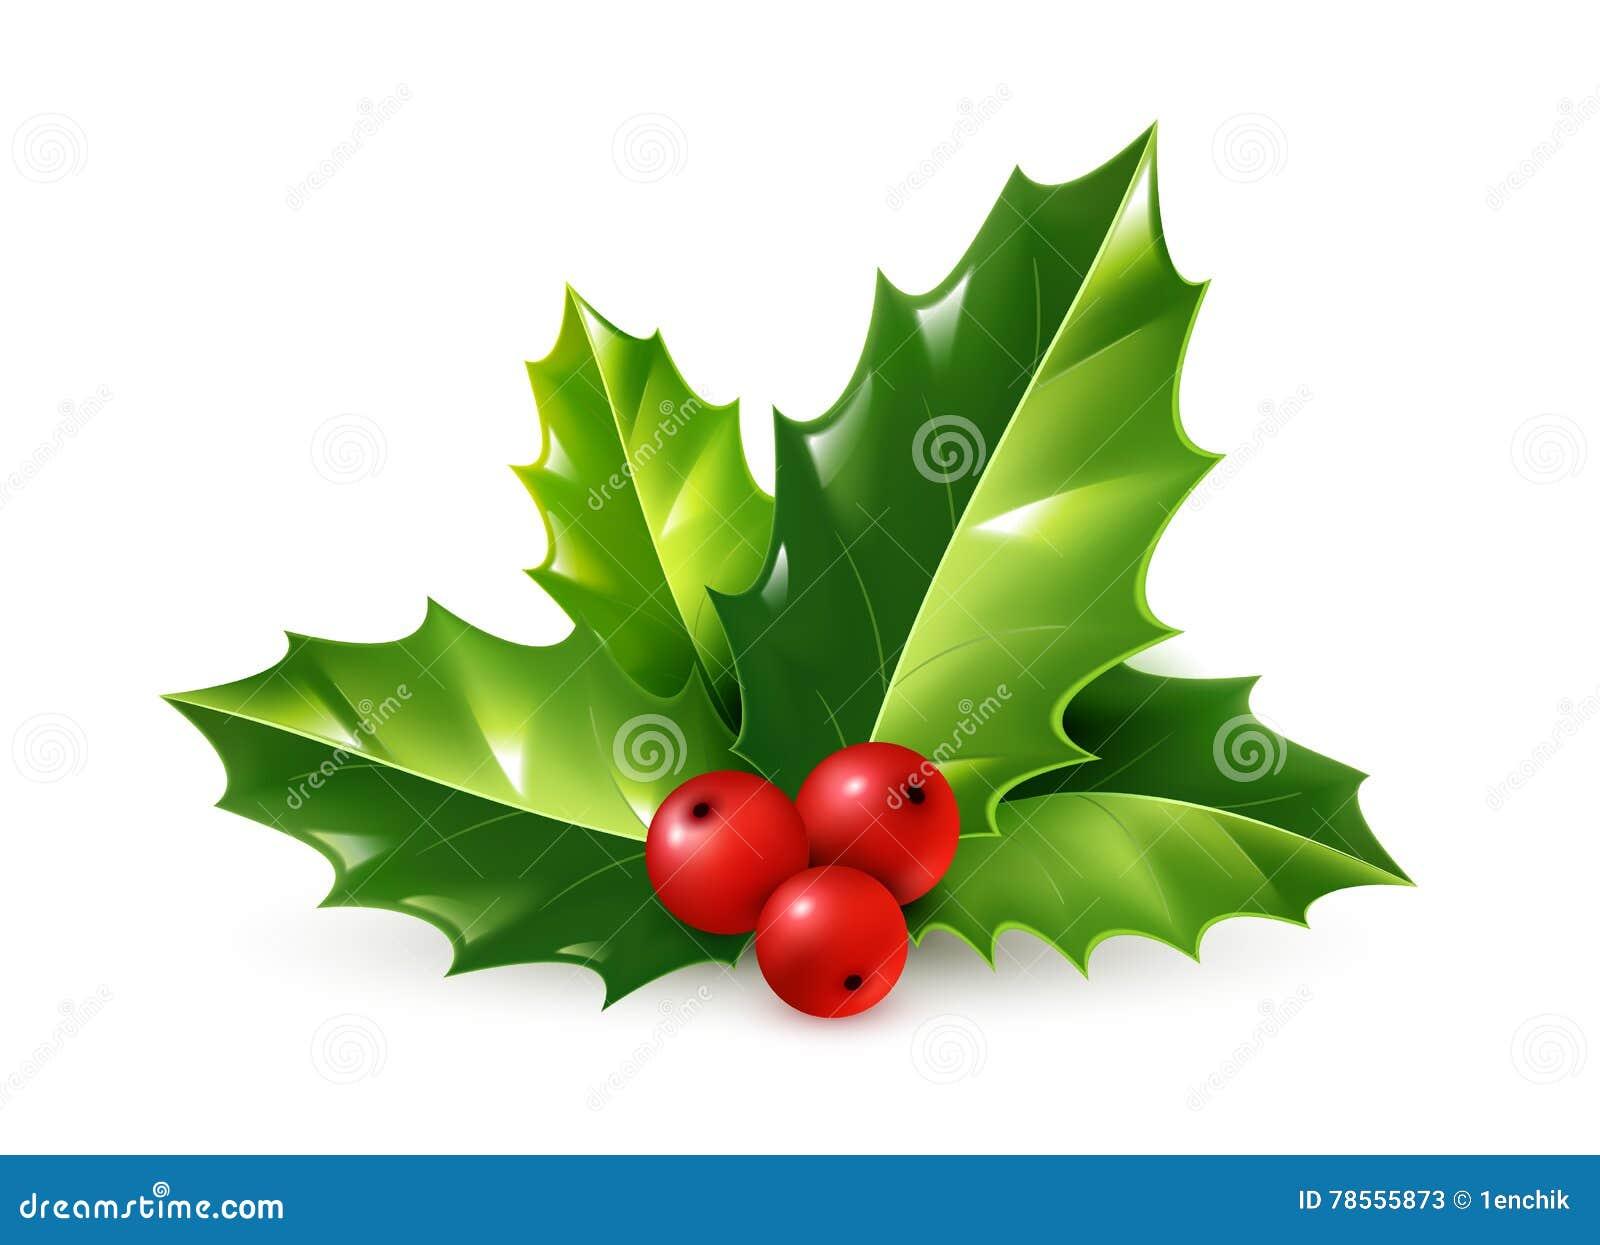 Immagini Agrifoglio Di Natale.Ornamento Realistico Di Natale Dell Agrifoglio Di Vettore